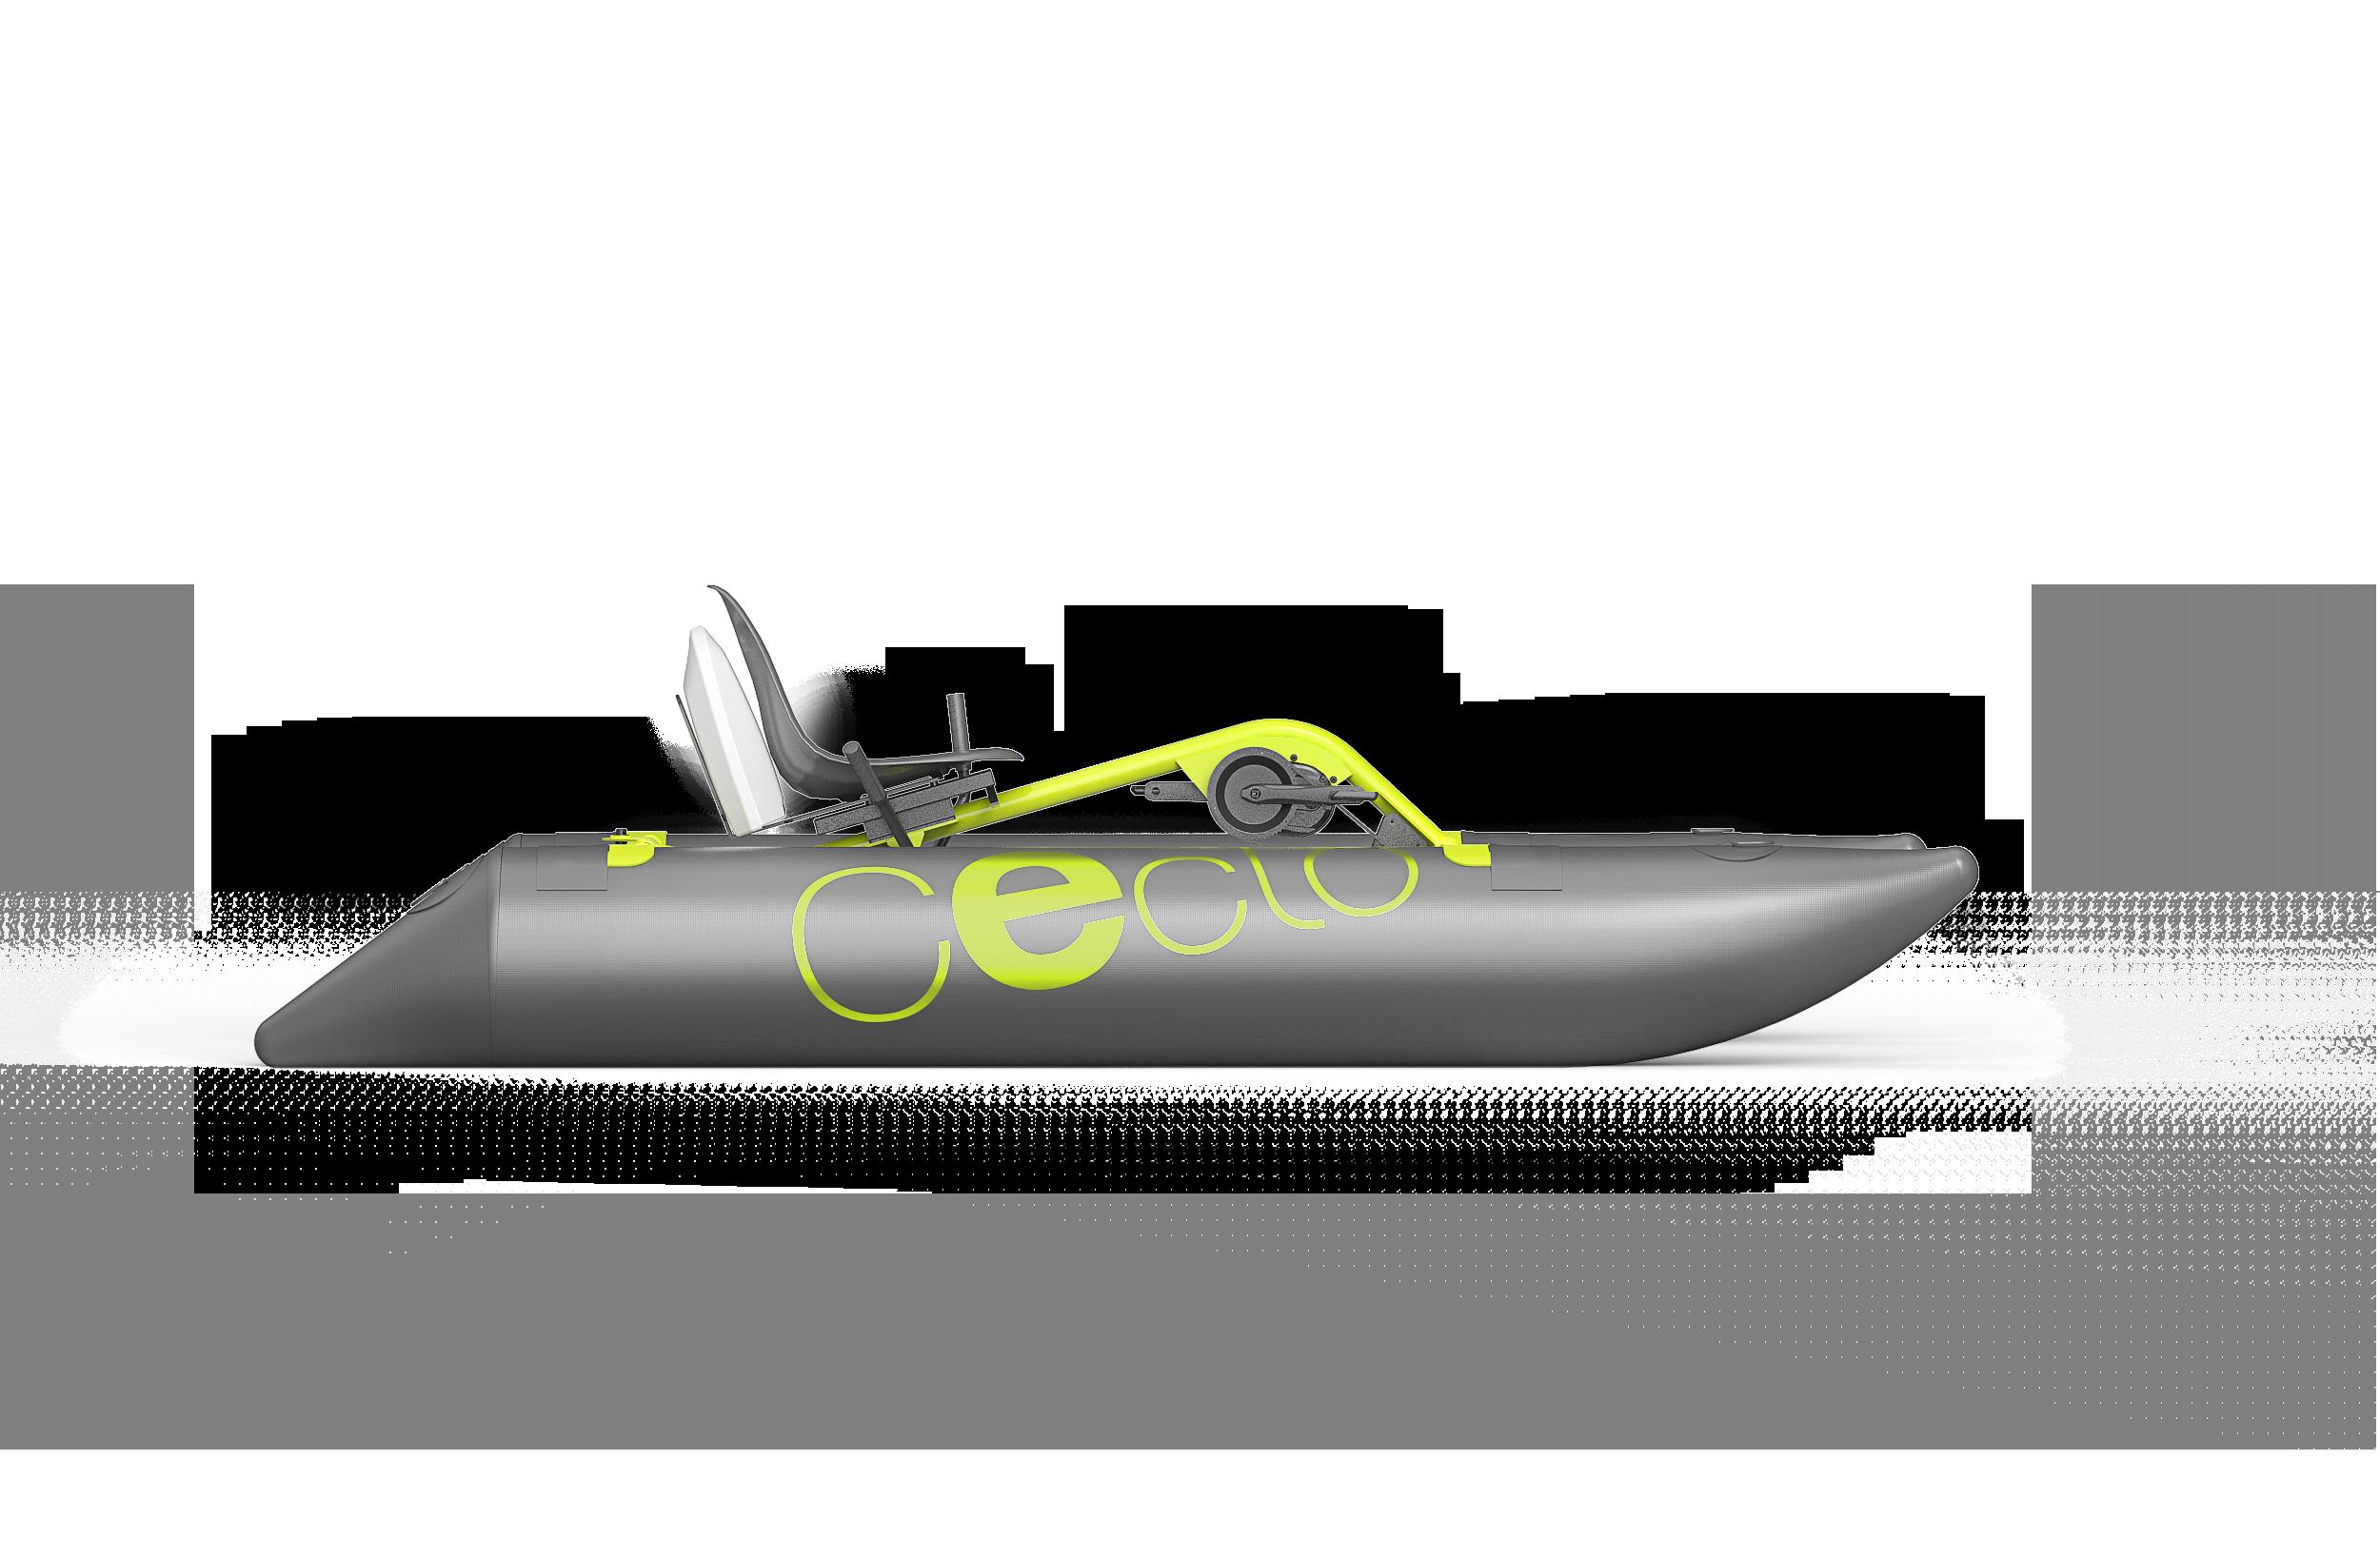 catamaran électrique gonflable CECLO FUN X2 vue latérale